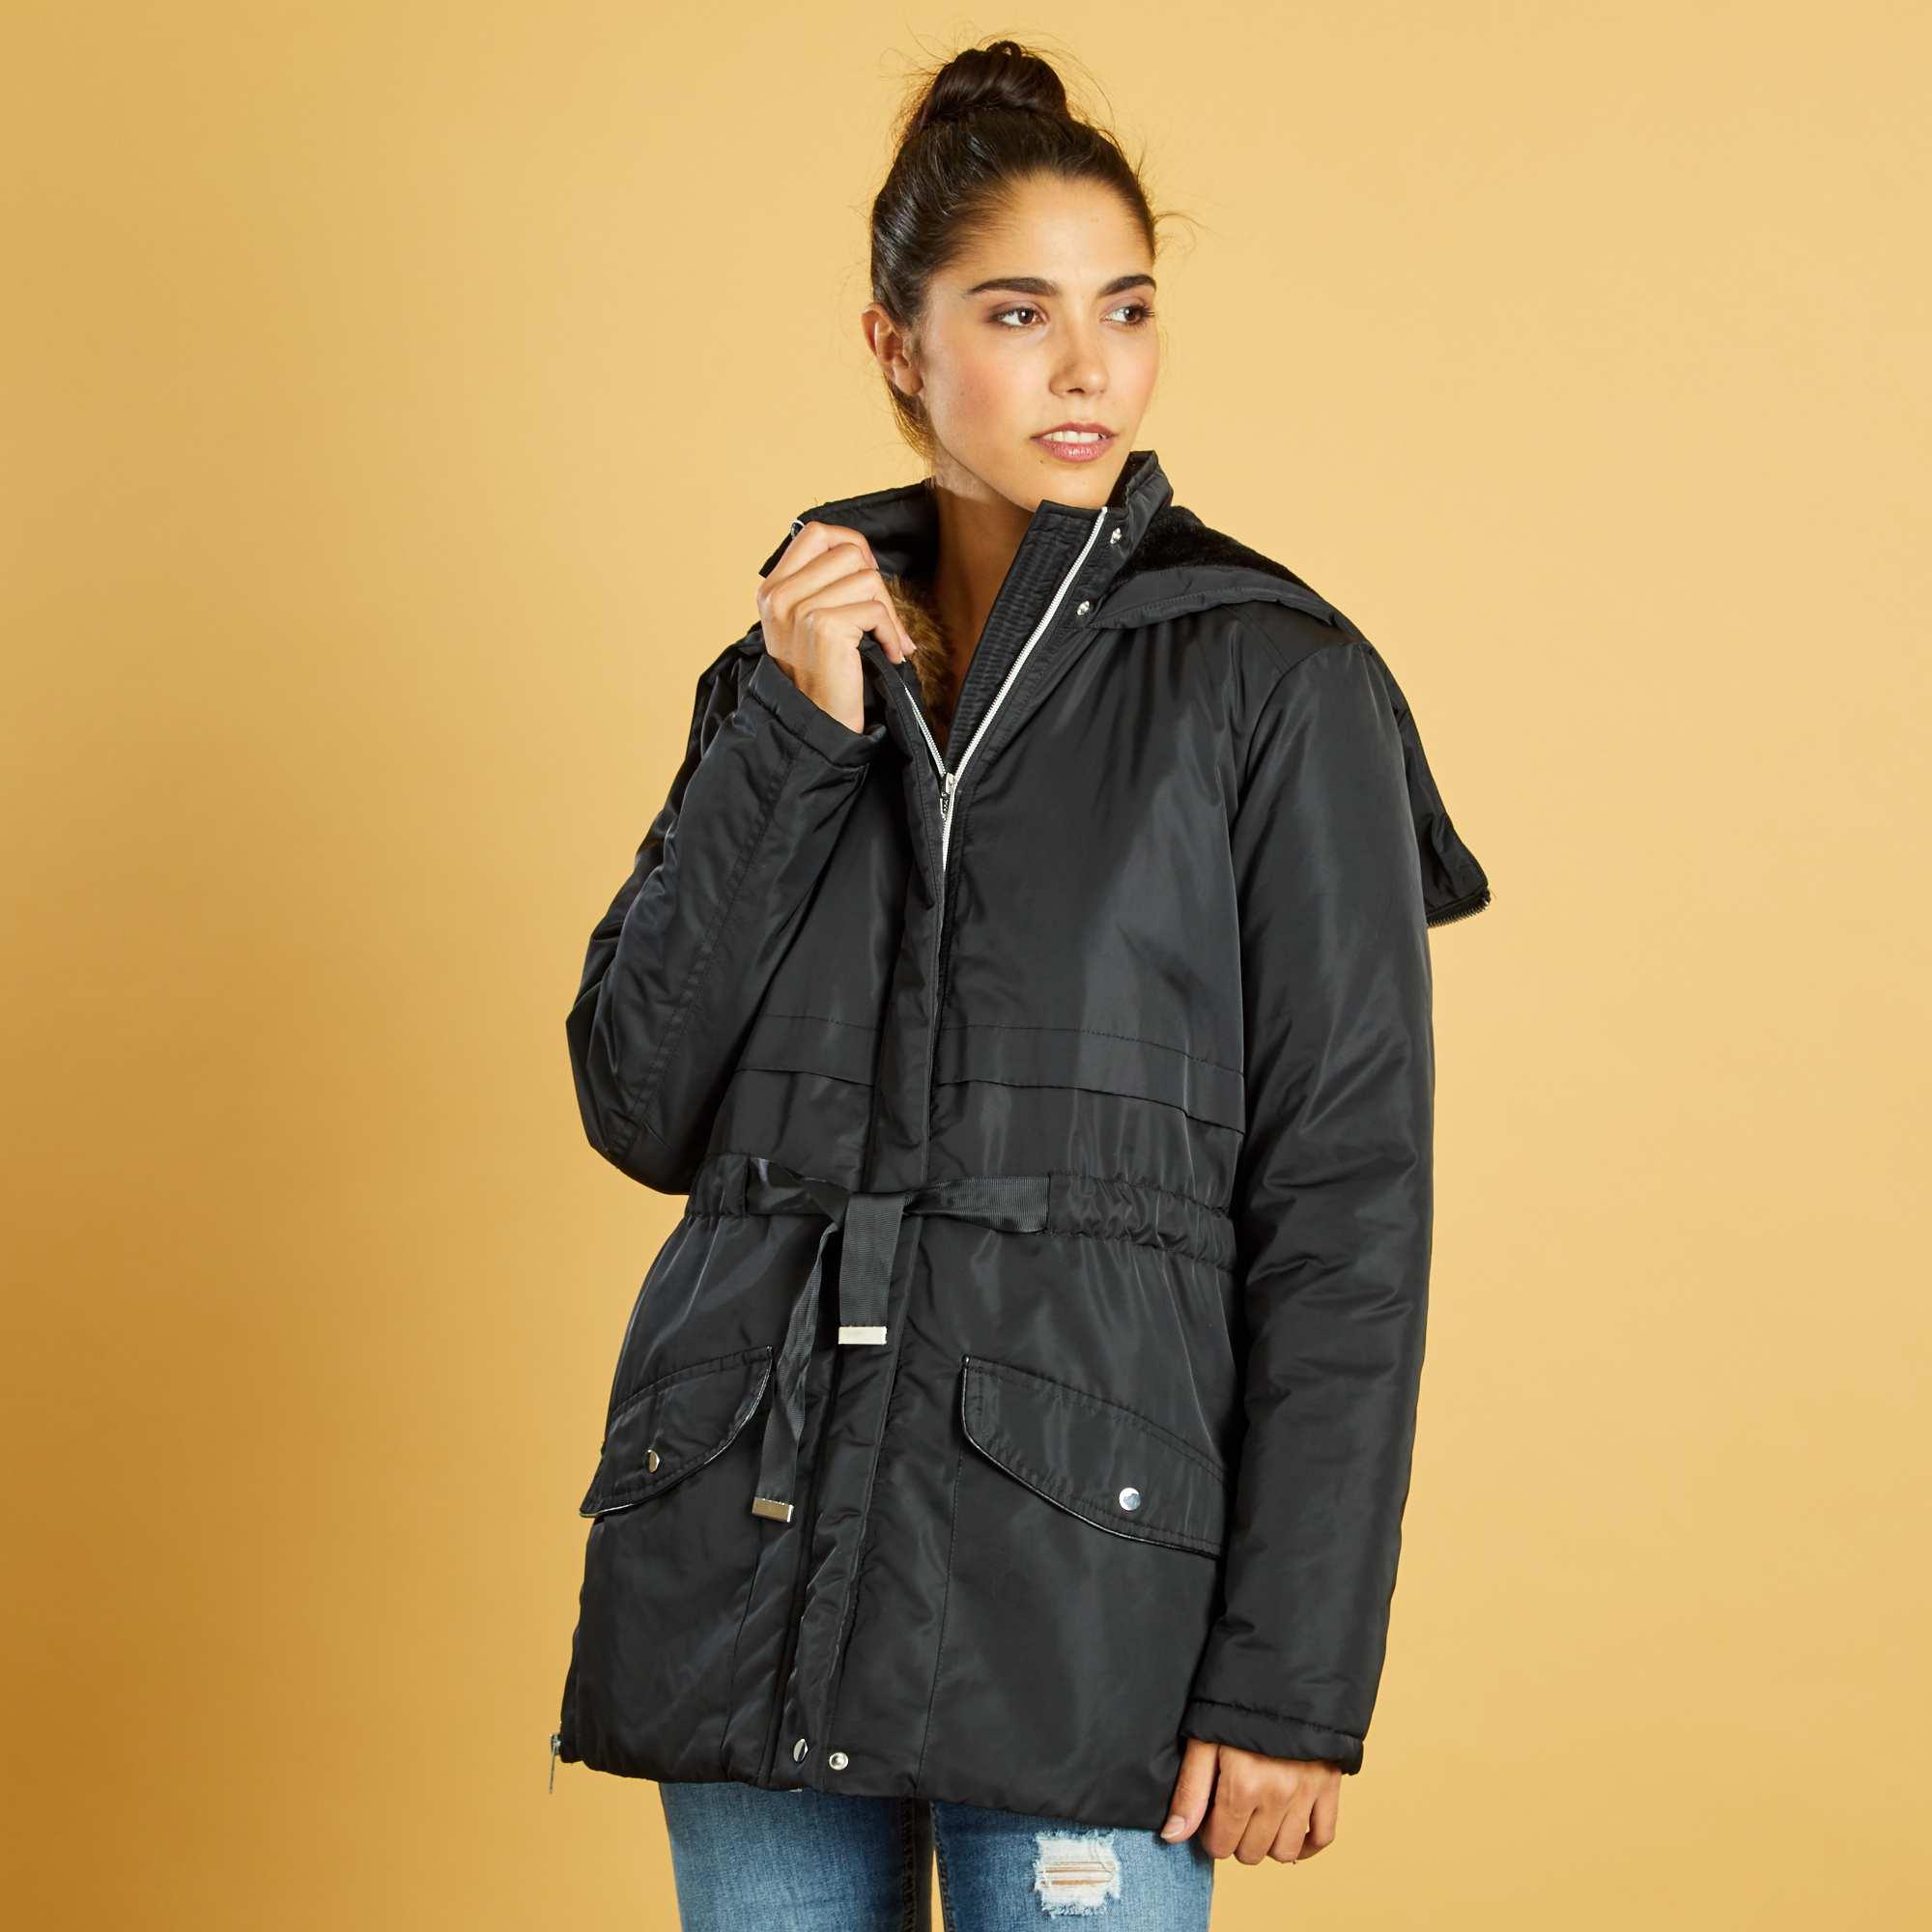 Couleur : noir, , ,, - Taille : M, S, ,,Une parka aux détails originaux, avec sa capuche zippée qui s'ouvre entièrement et sa